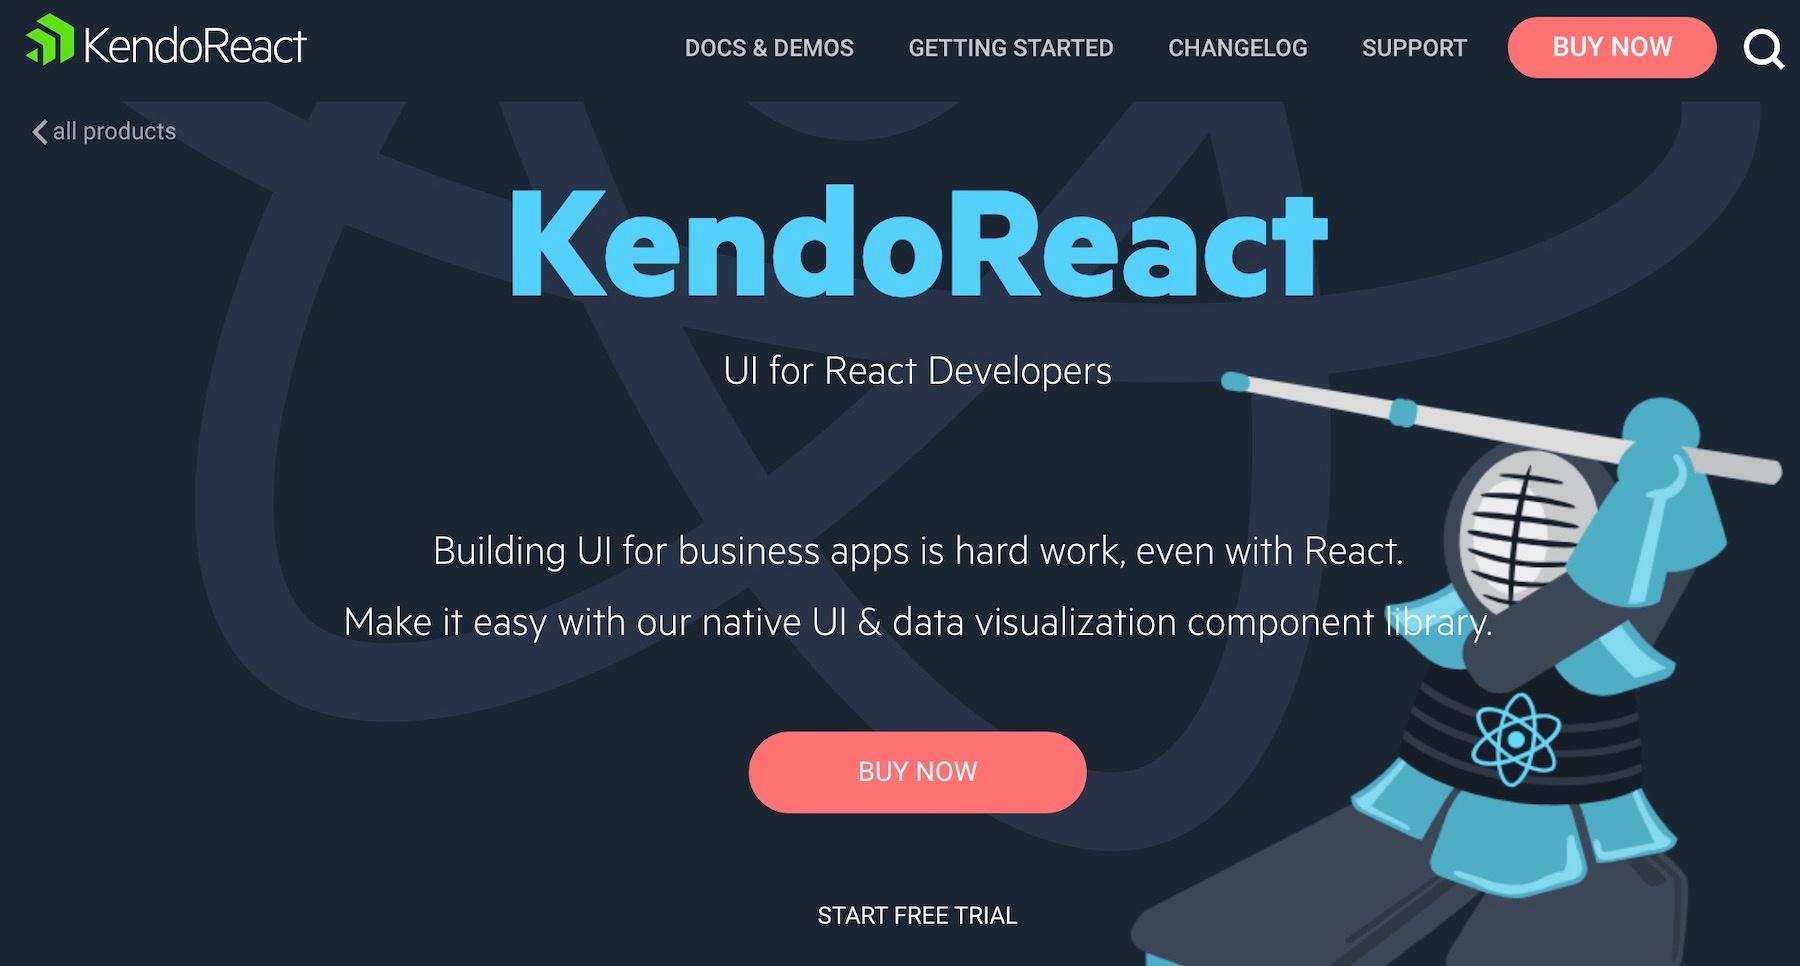 kendoreact